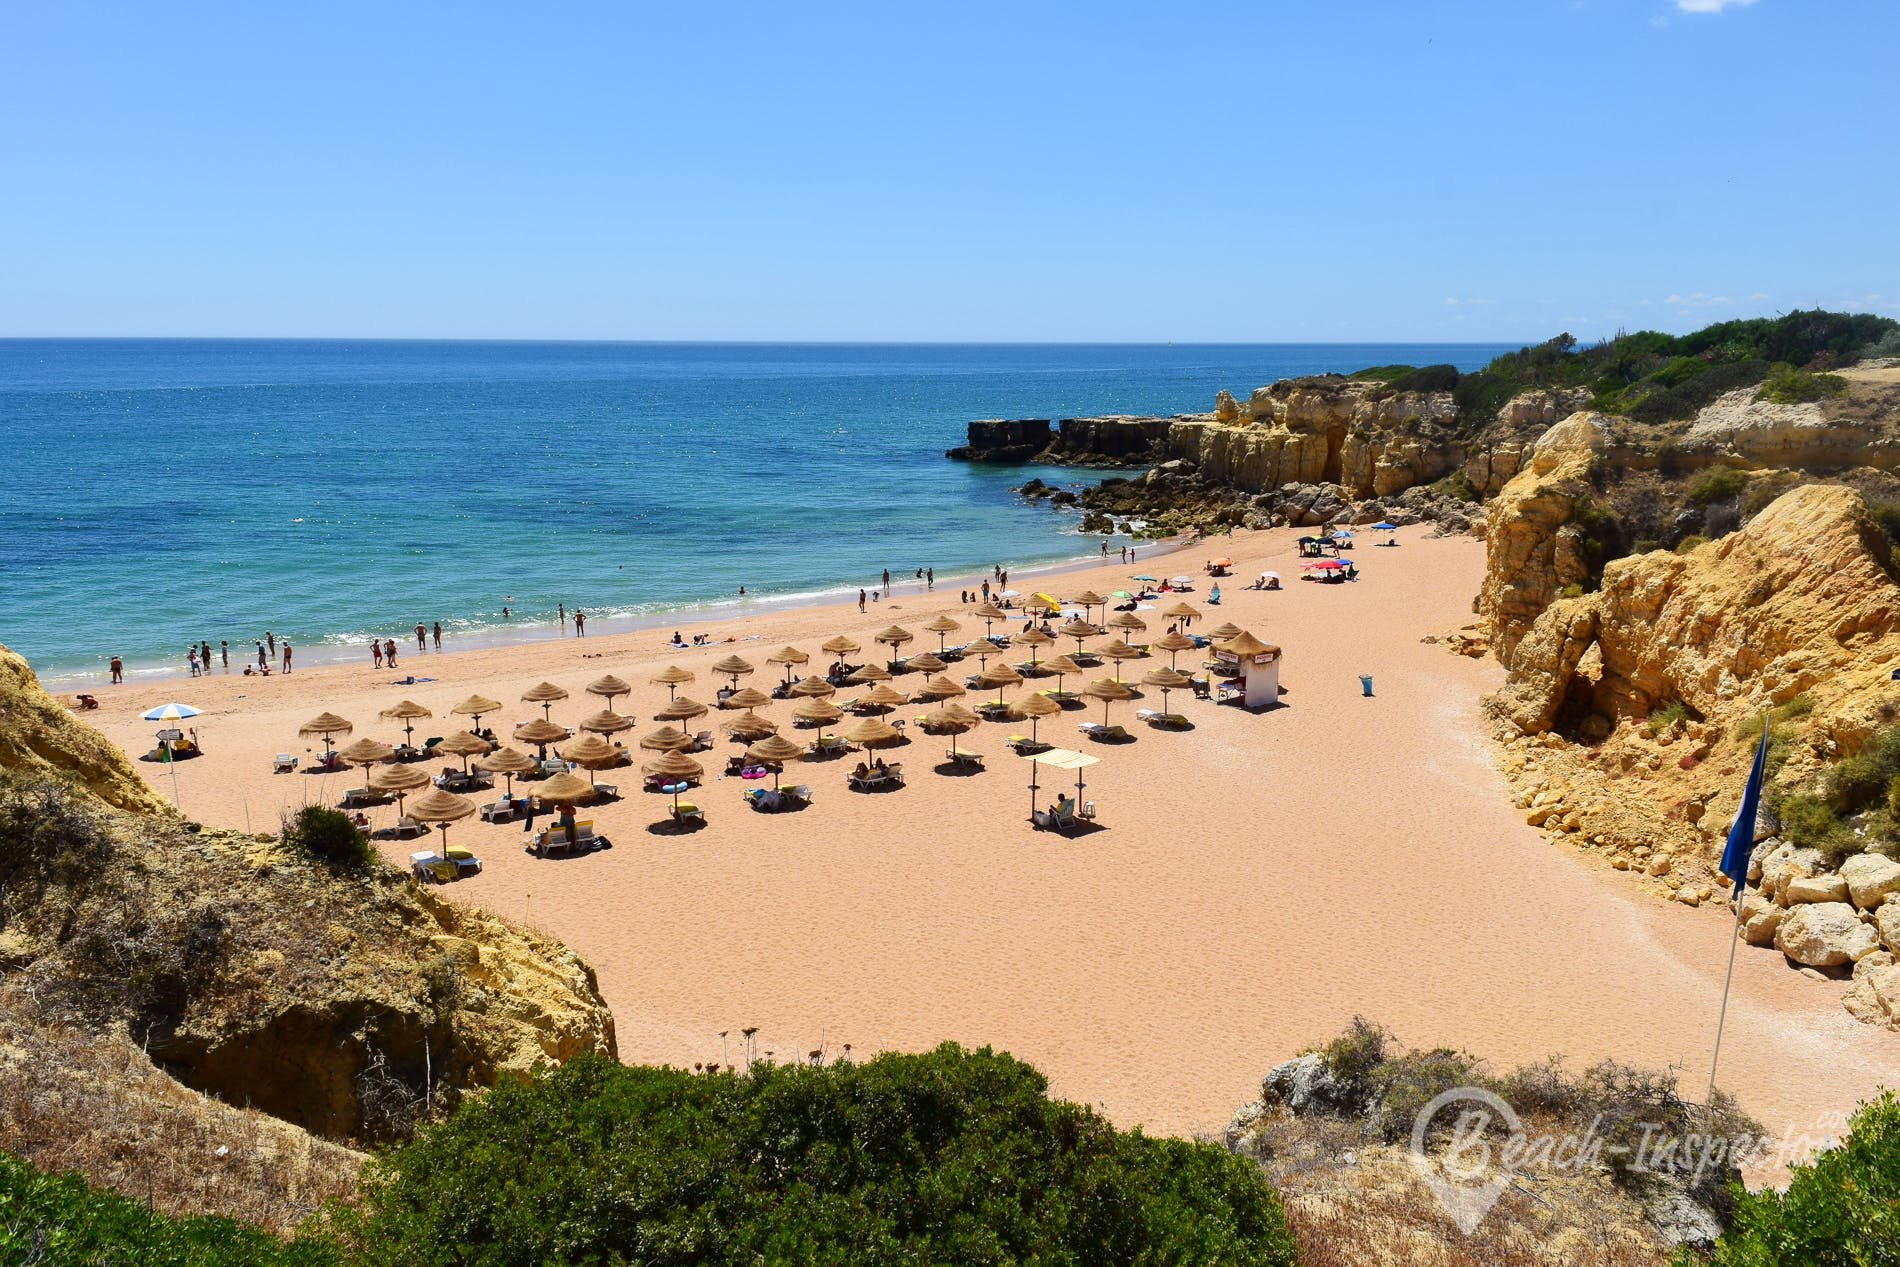 Beach Praia do Castelo, Algarve, Portugal